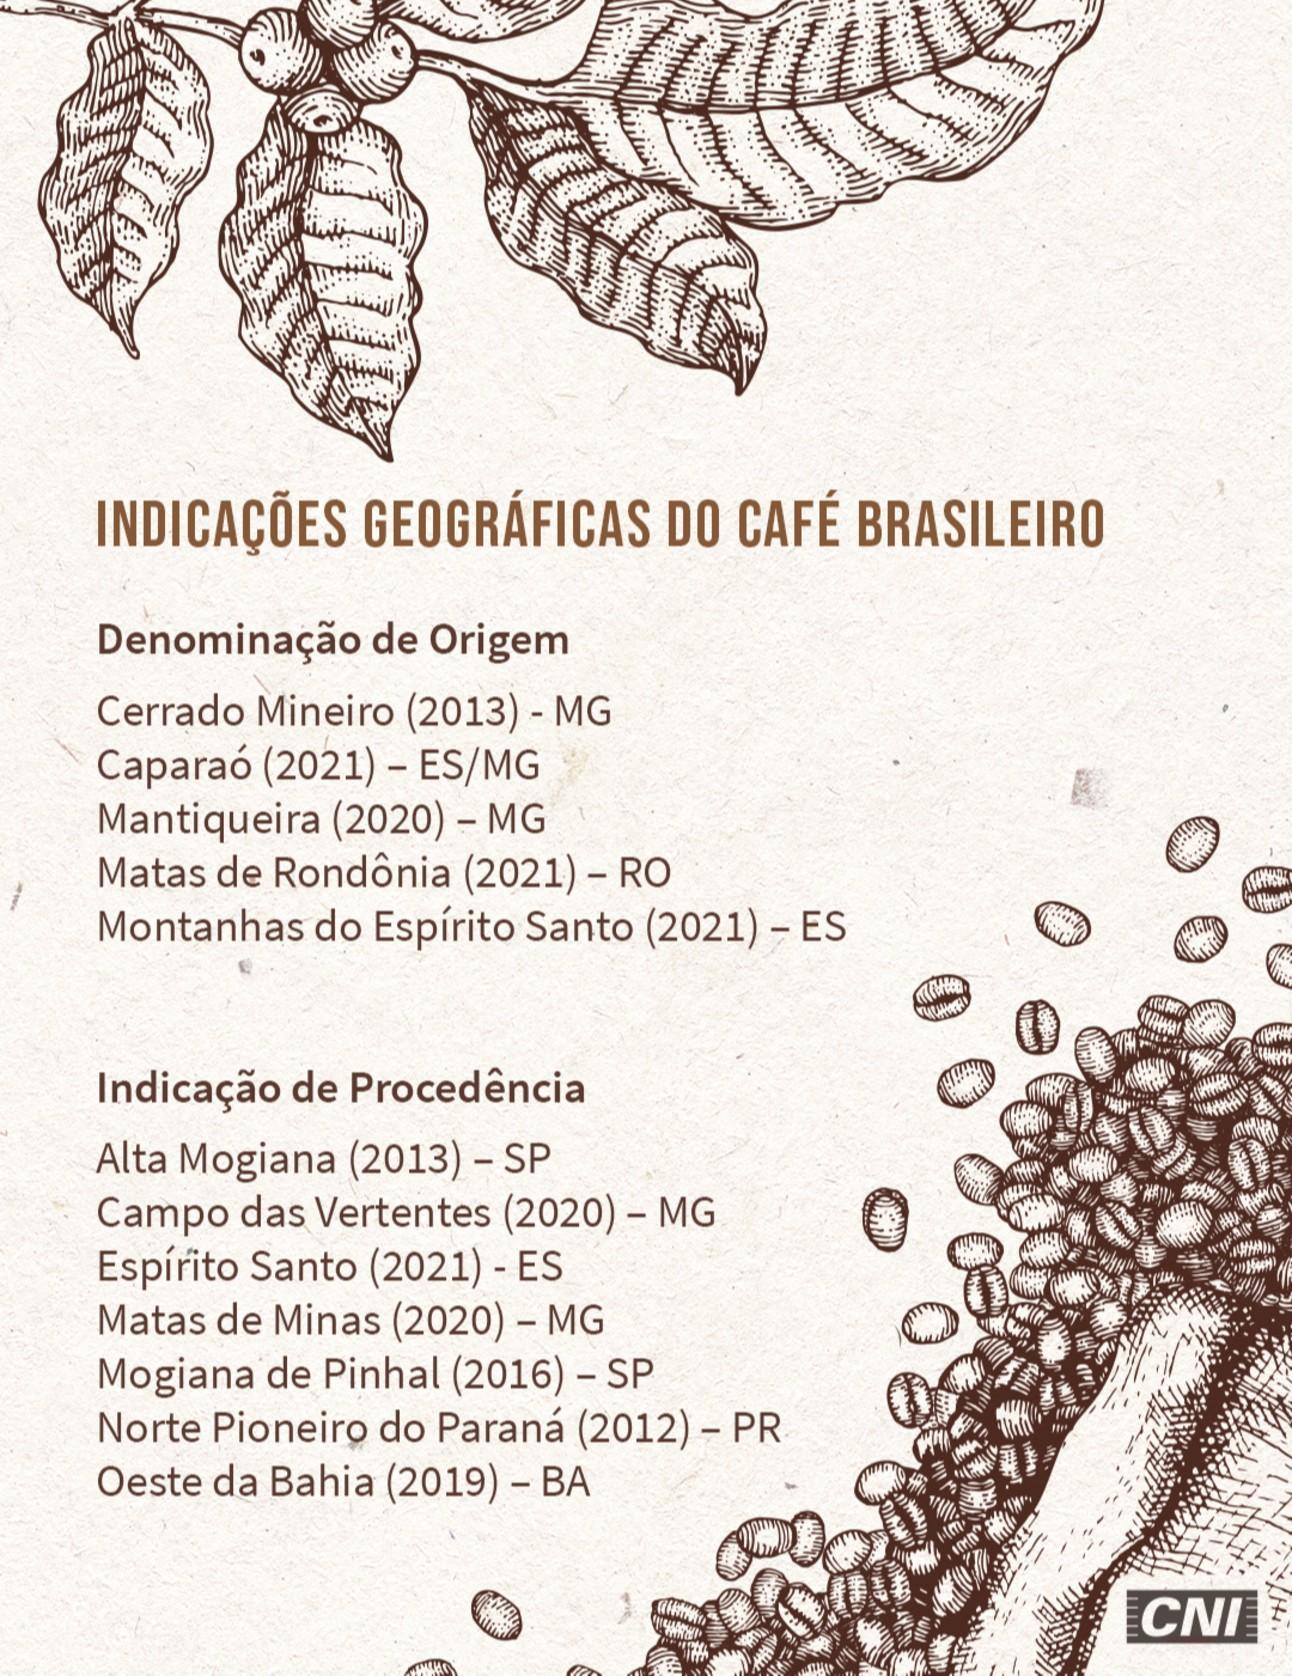 Infografia lista todas as indicações geográficas para café no Brasil